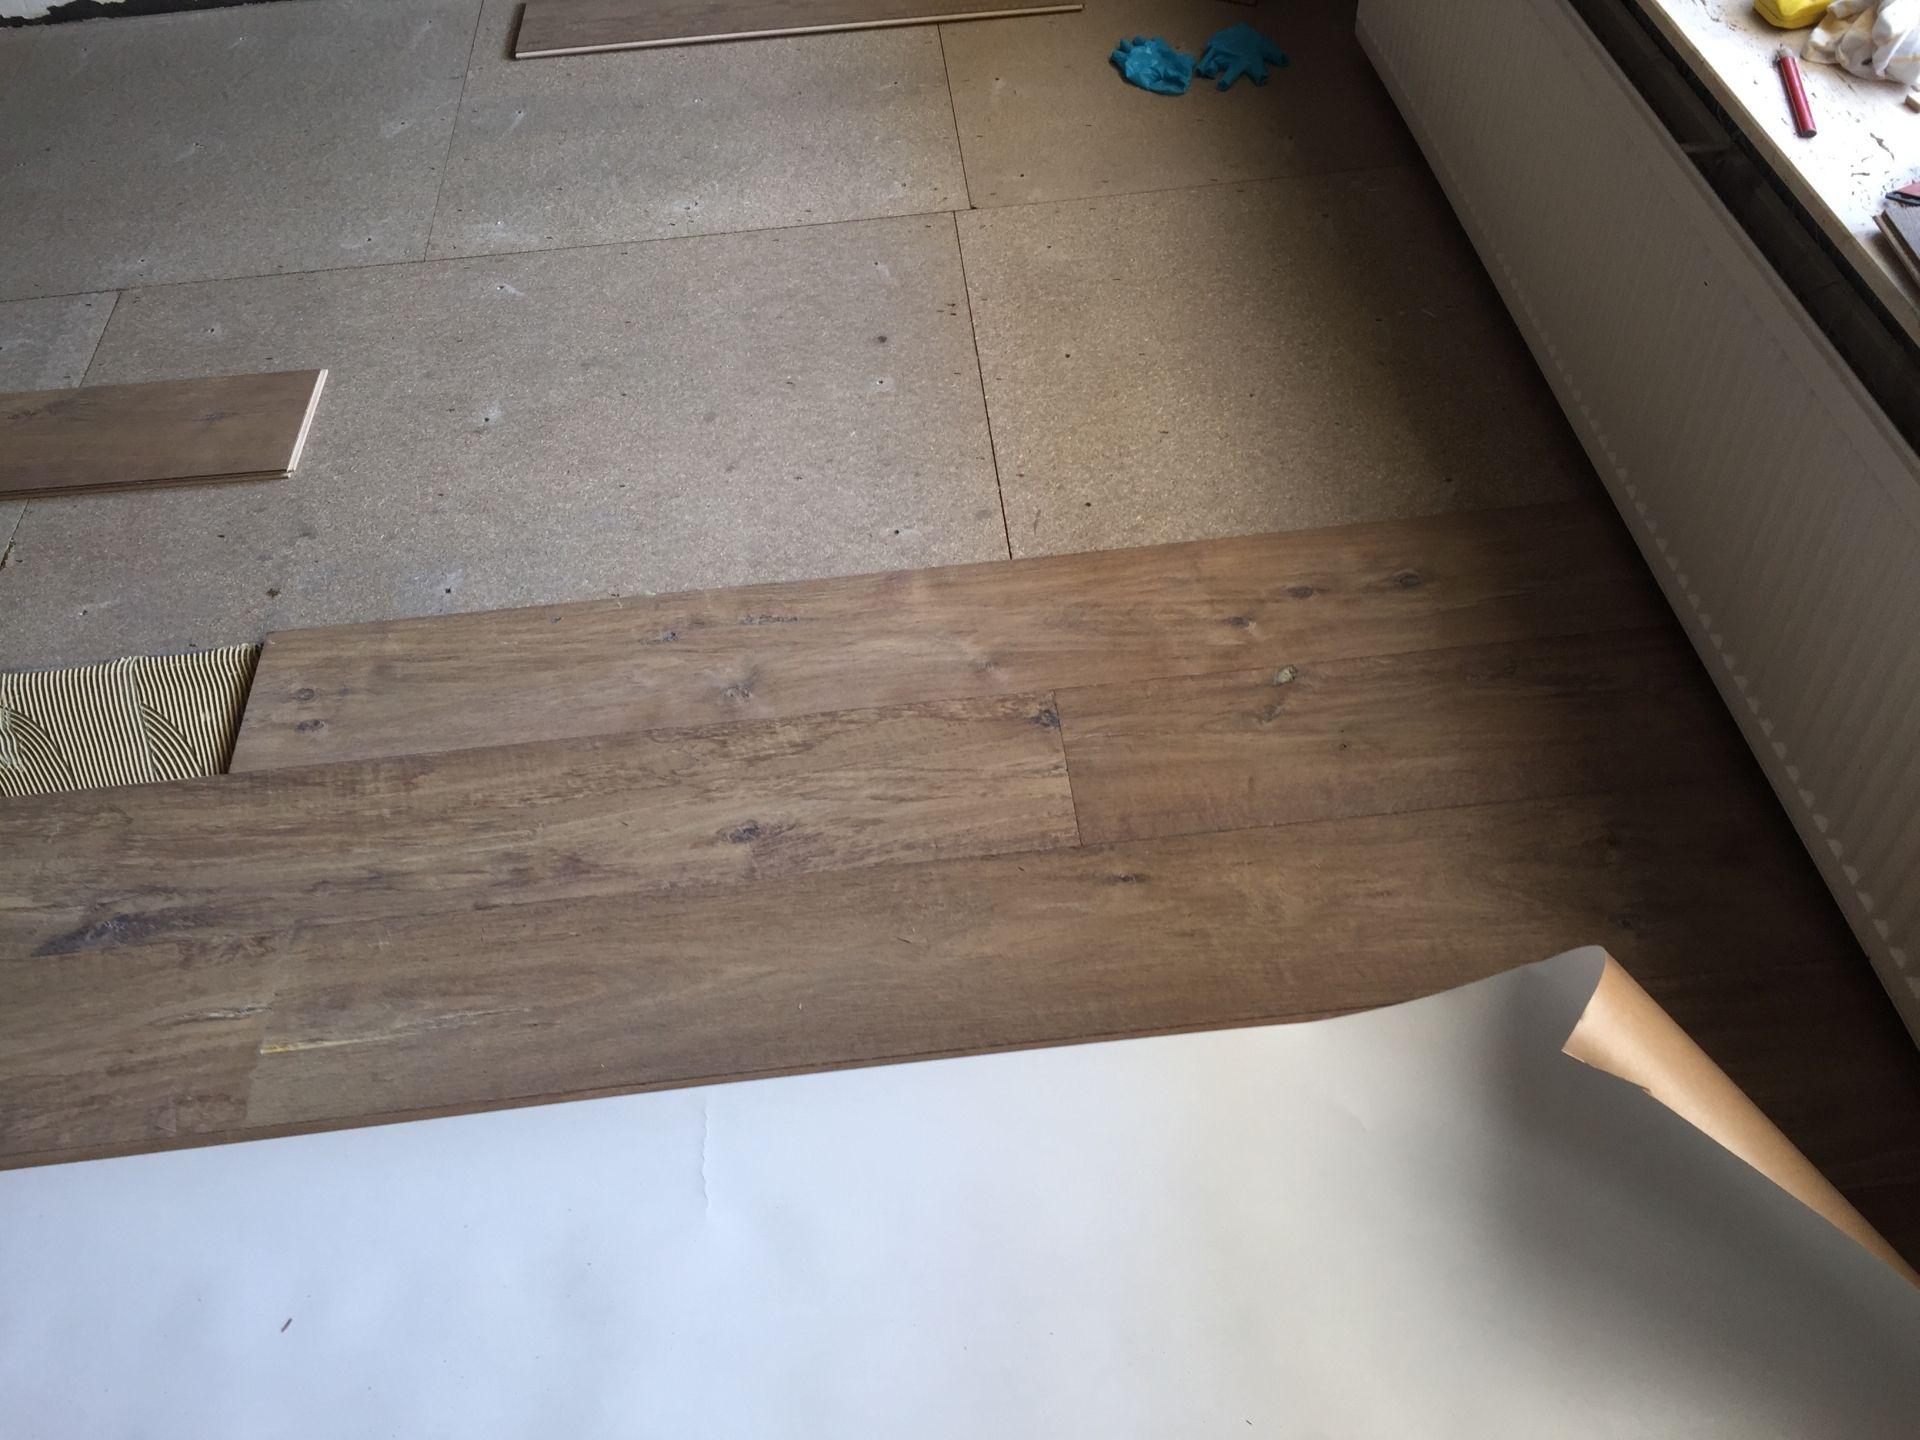 visser parket rijssen montage raftwood amazone volverlijmd 2e helft kamer